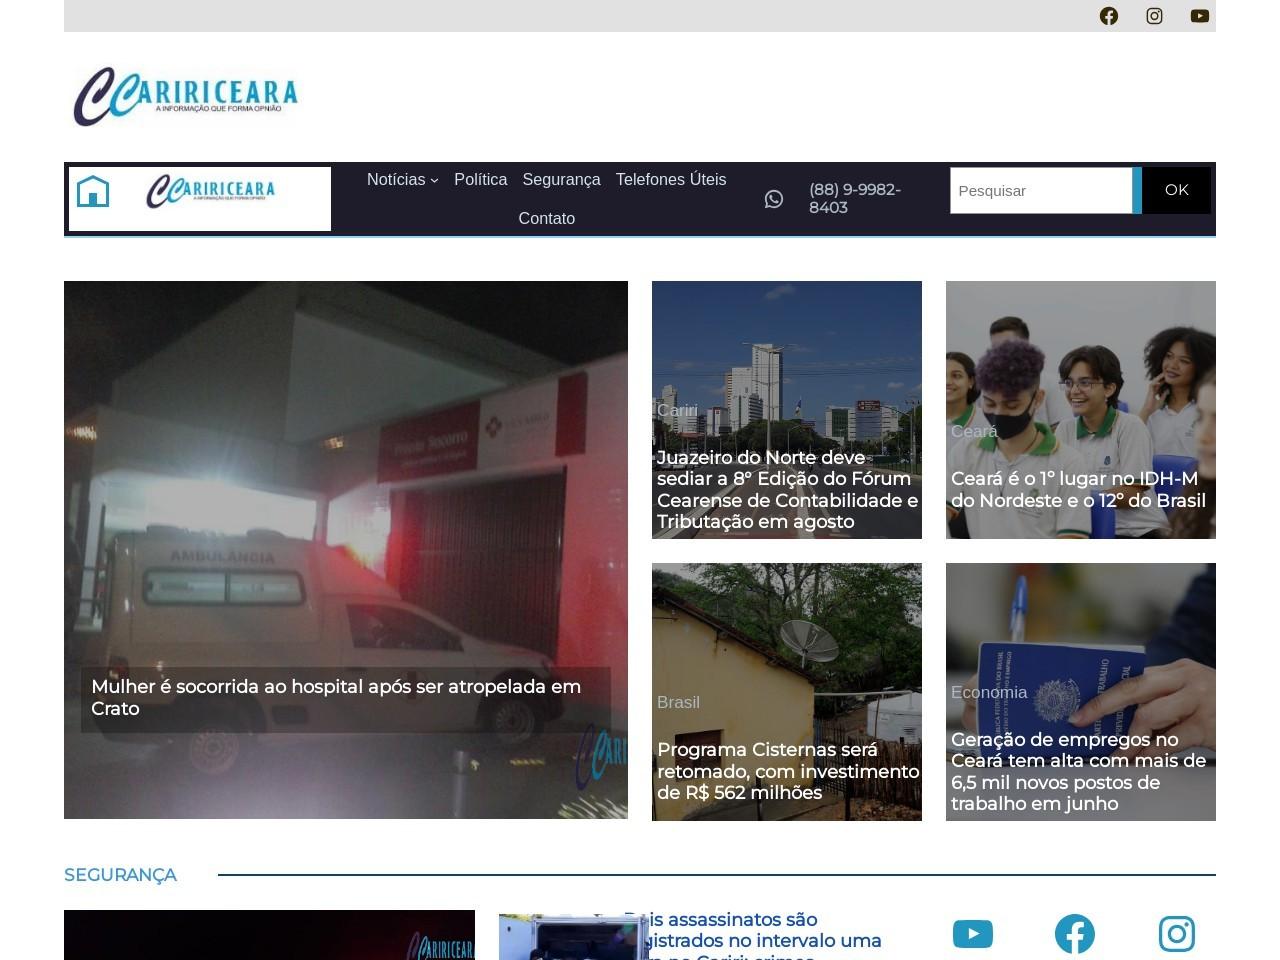 http://www.caririceara.com